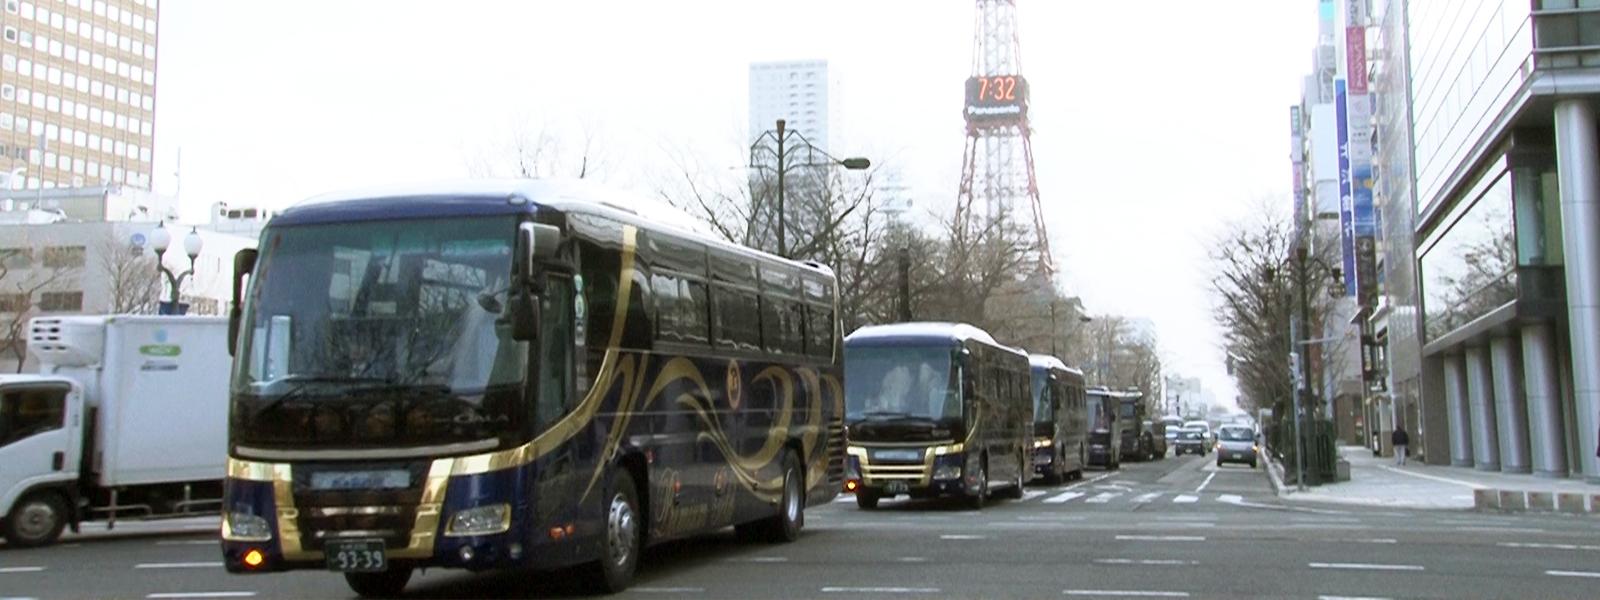 多様な貸切、観光バス